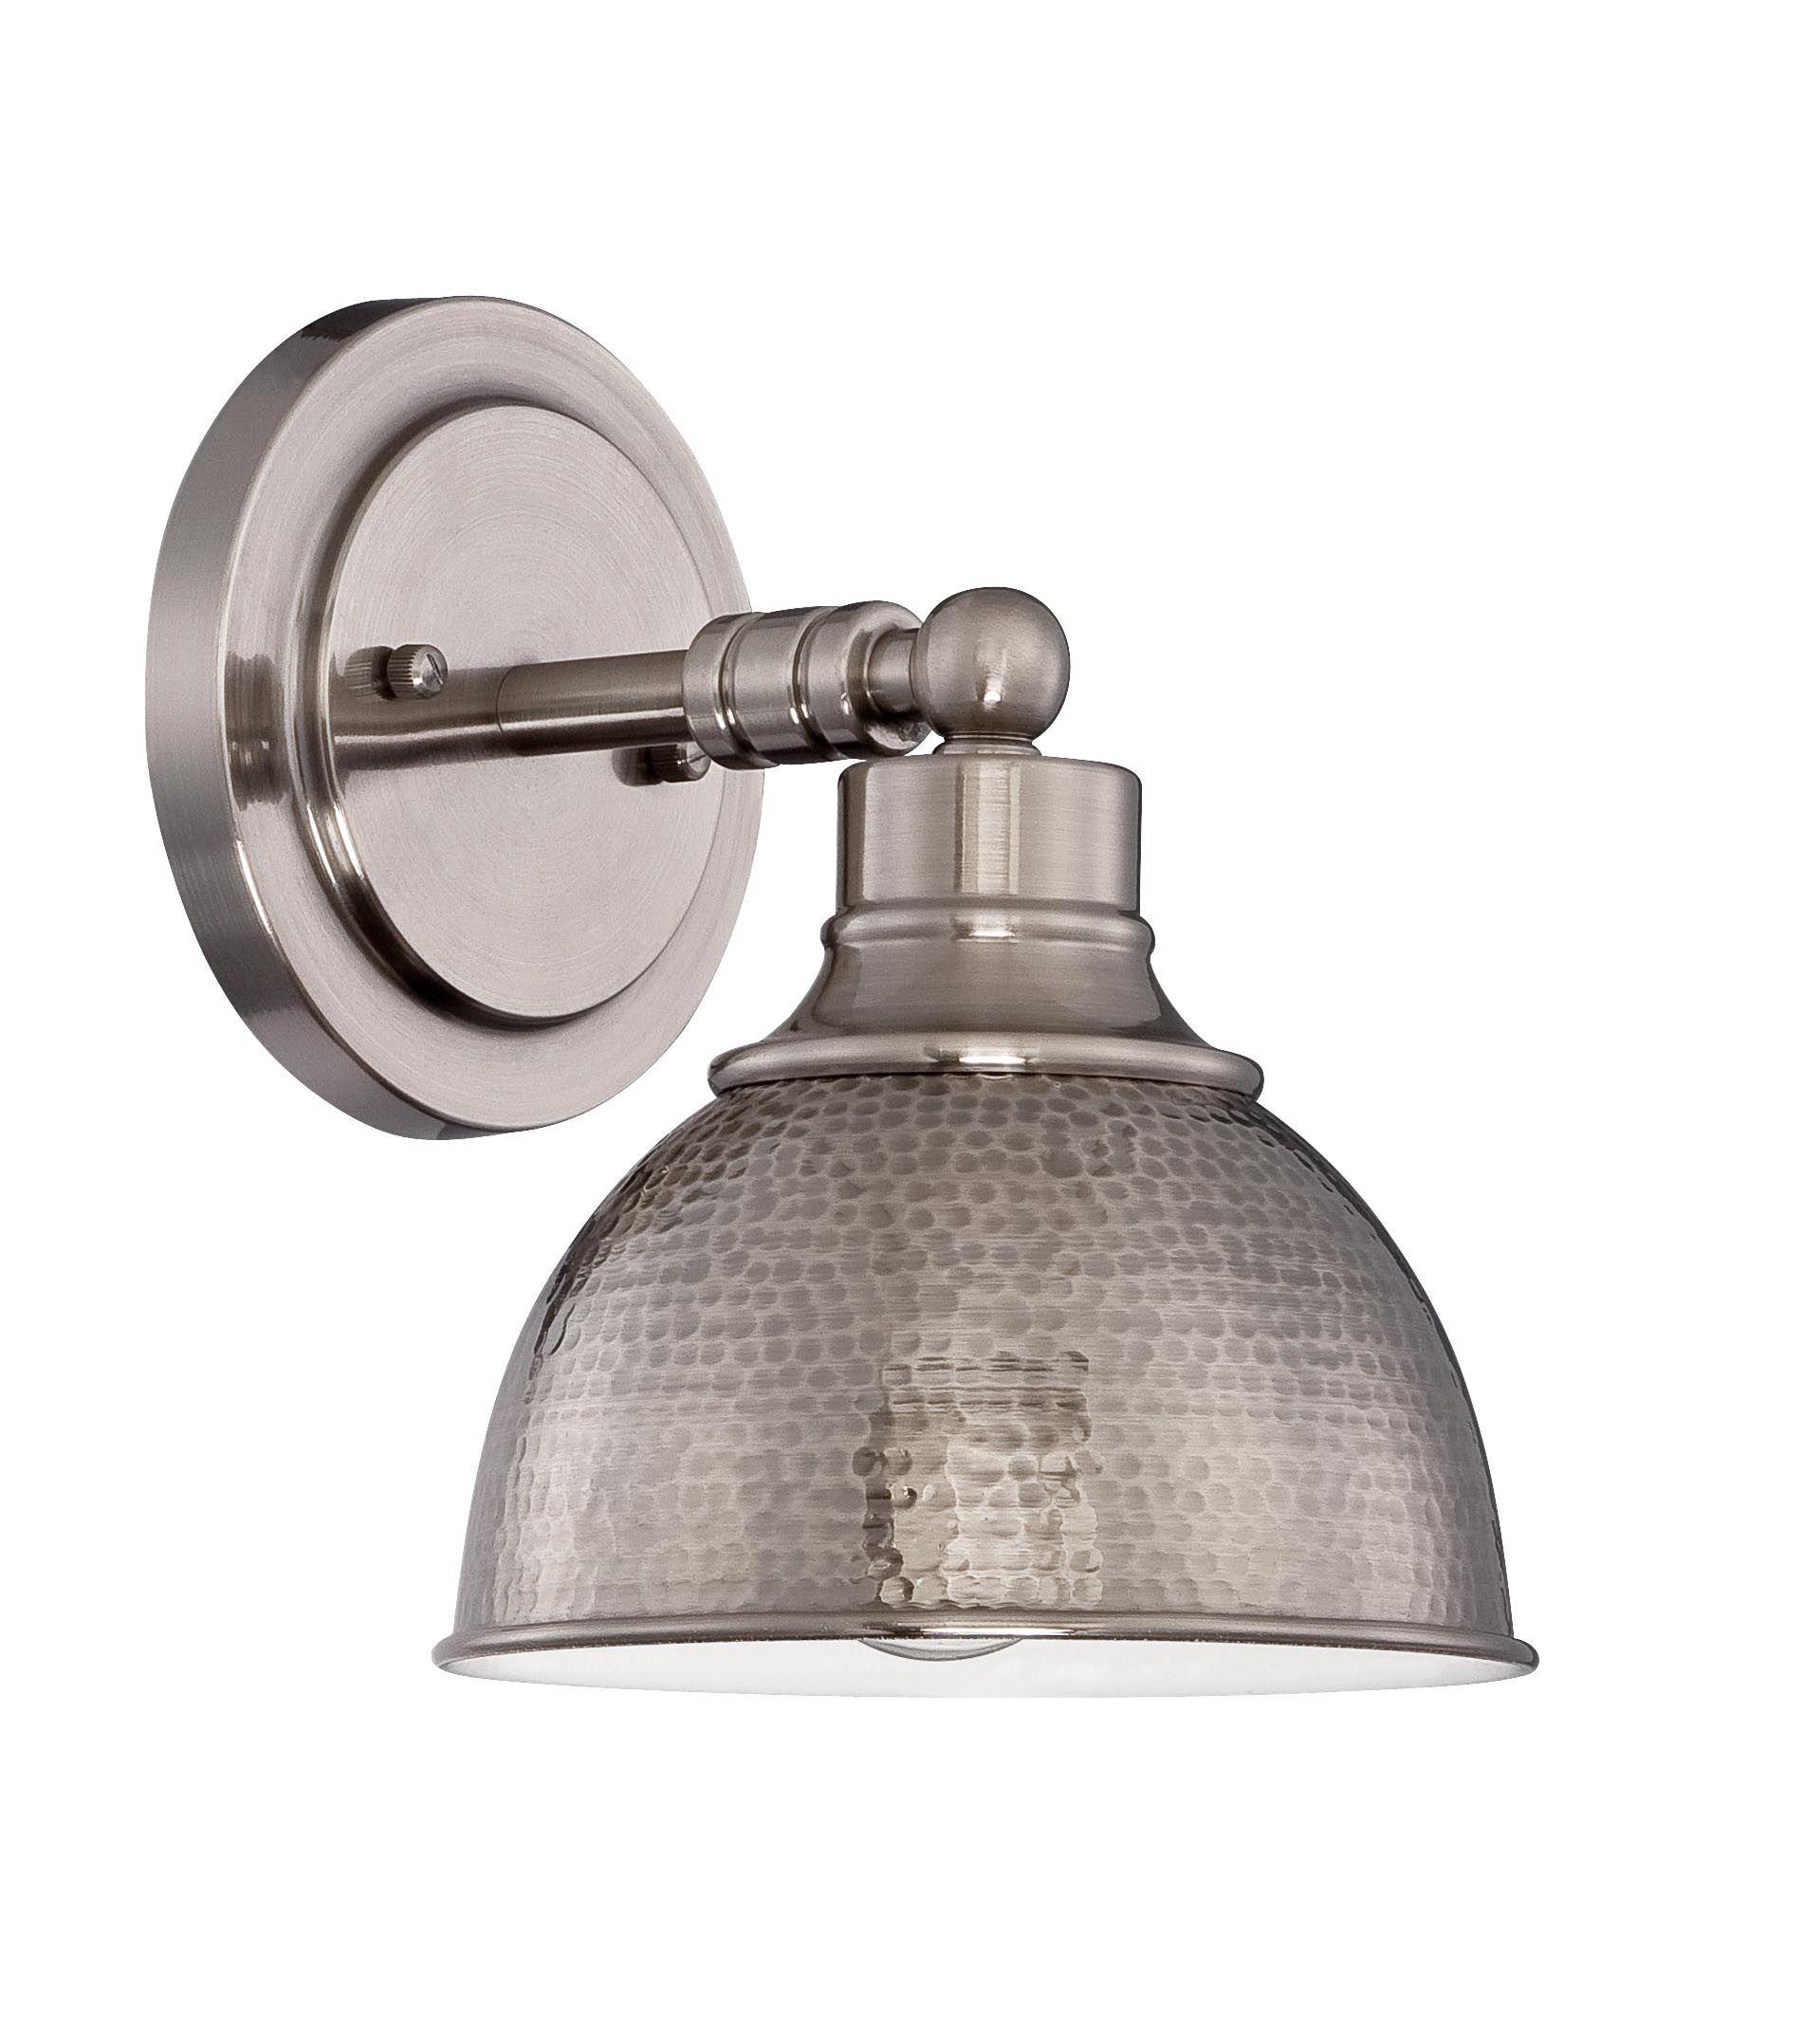 mara 4 bulb vanity light in polished nickel at joss main light